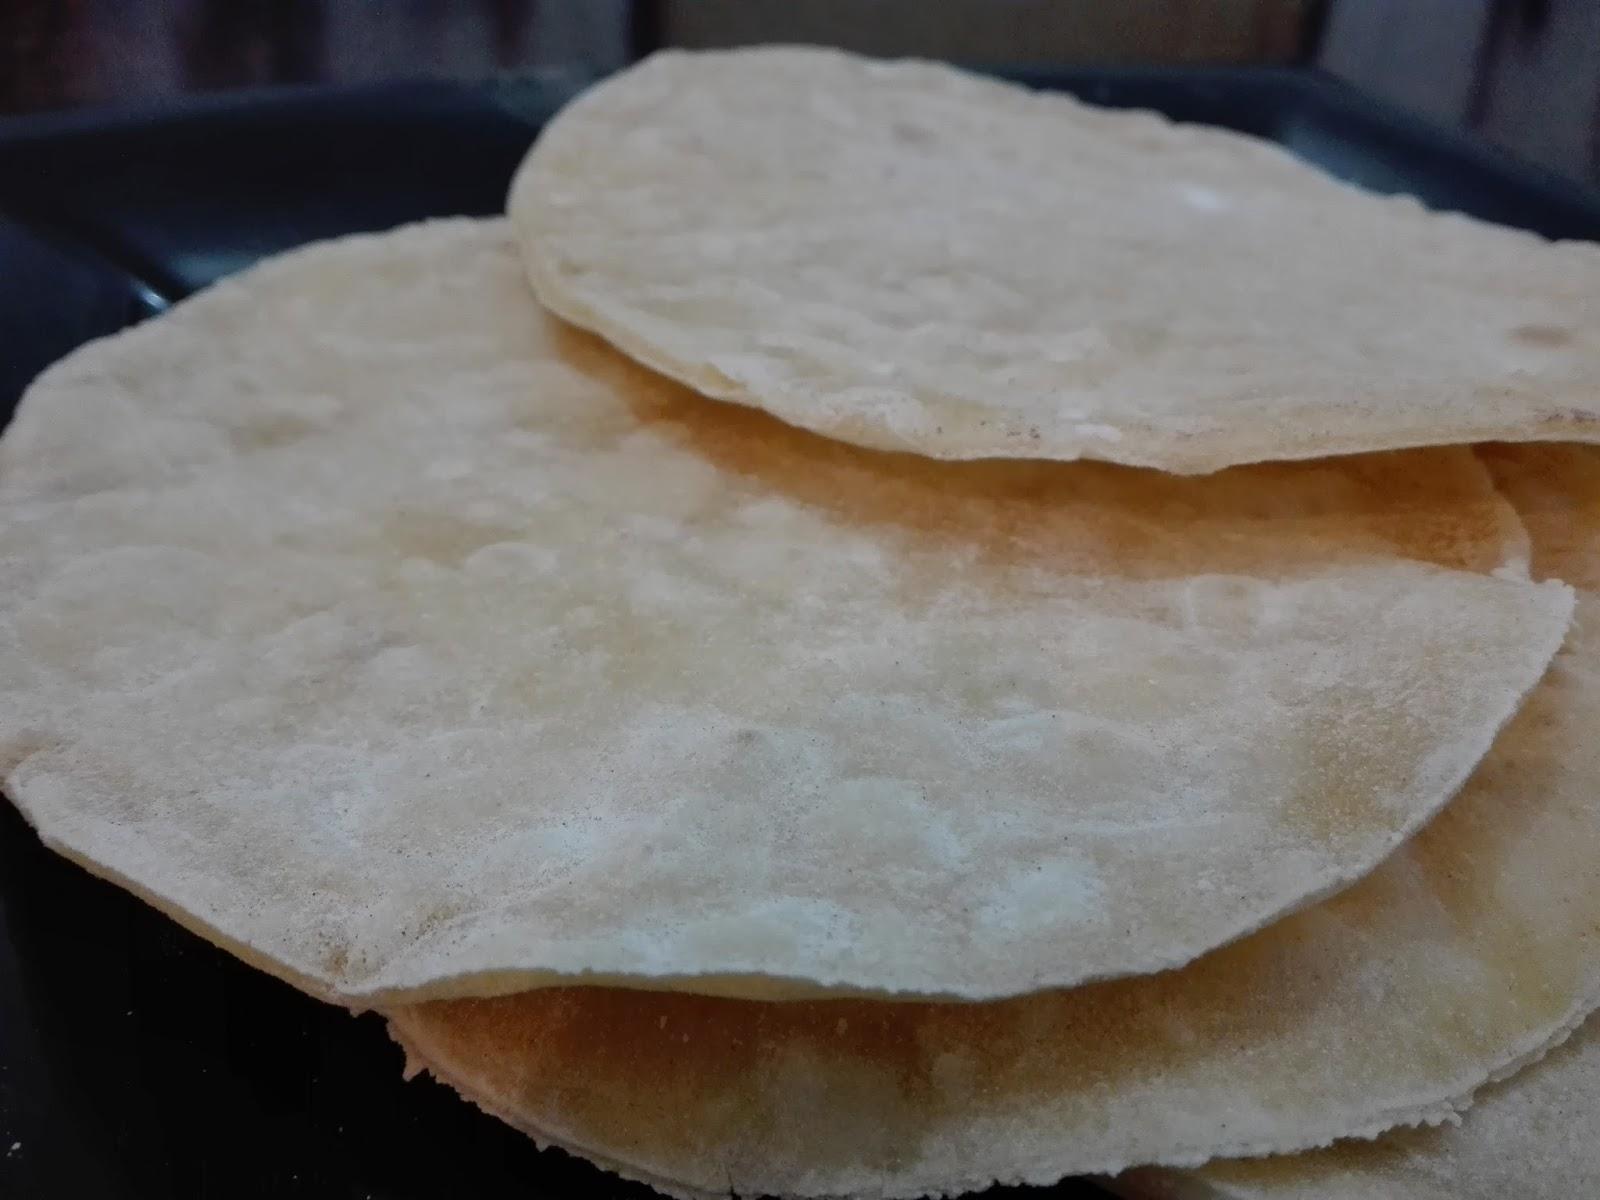 Tortillas libres de gluten para hacer tacos, burritos, fajitas y enchiladas